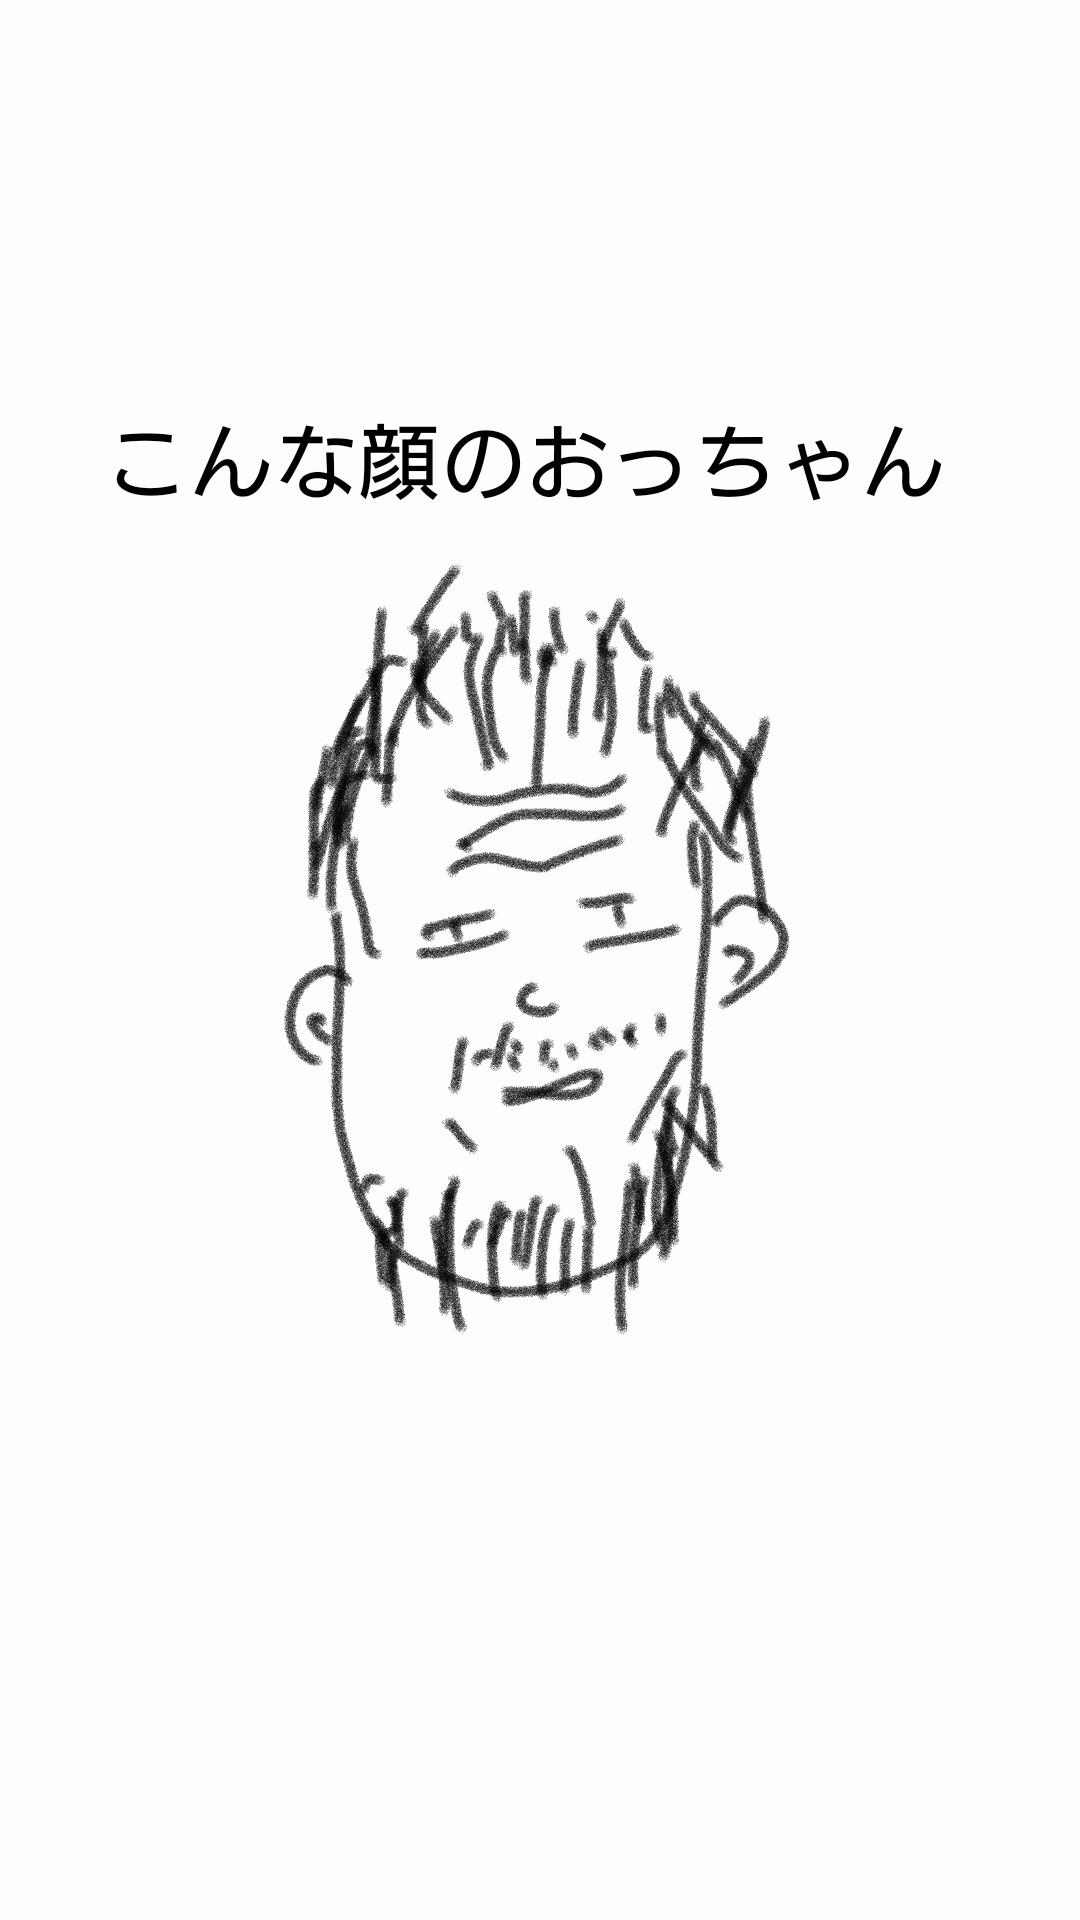 f:id:zettan:20160707004918j:plain